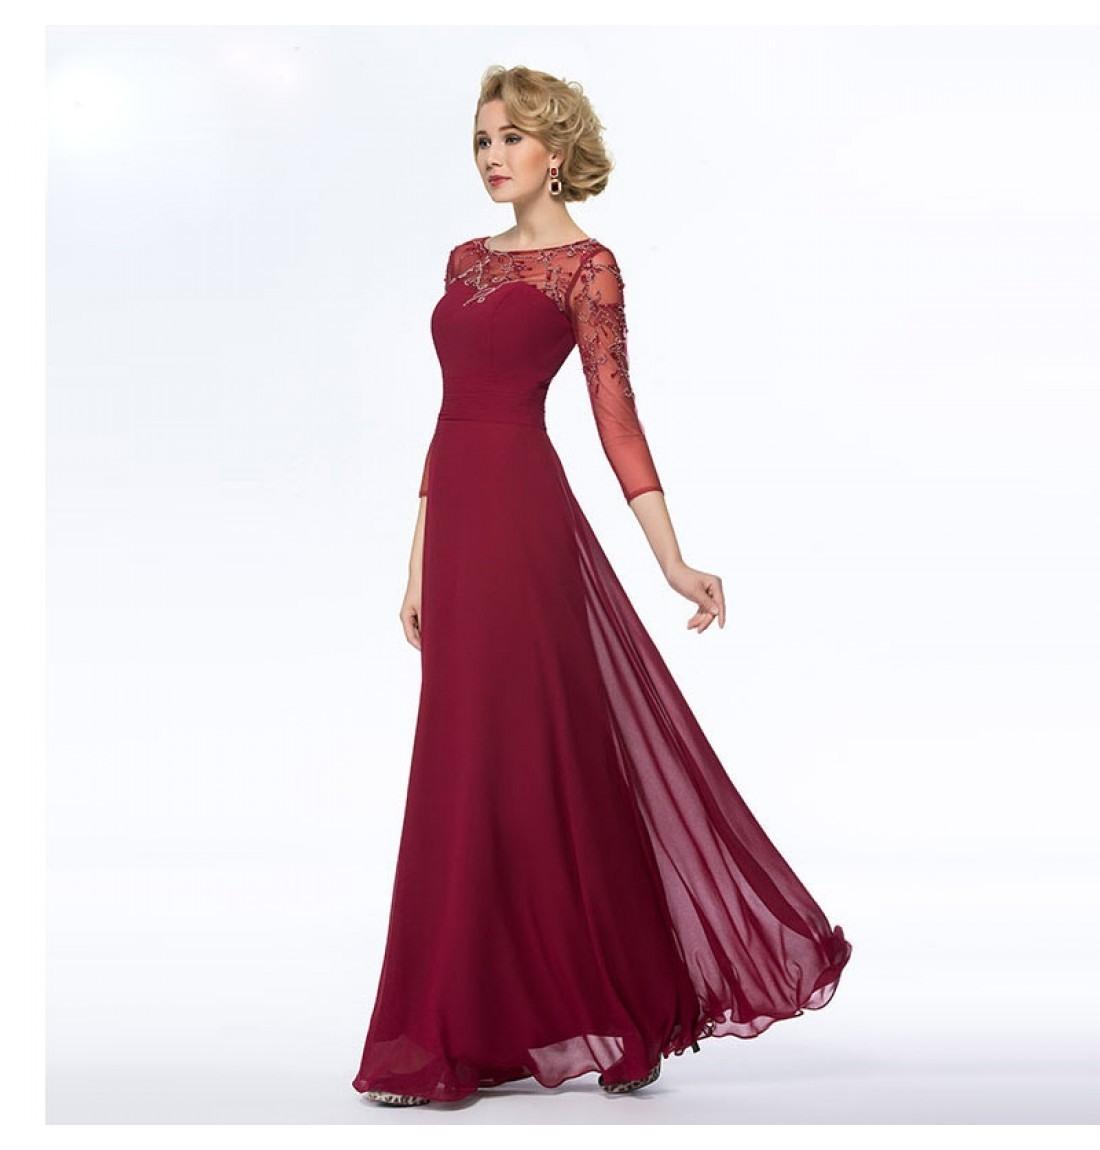 17 Erstaunlich Abendkleid Mit Spitze Lang Bester PreisDesigner Großartig Abendkleid Mit Spitze Lang Design